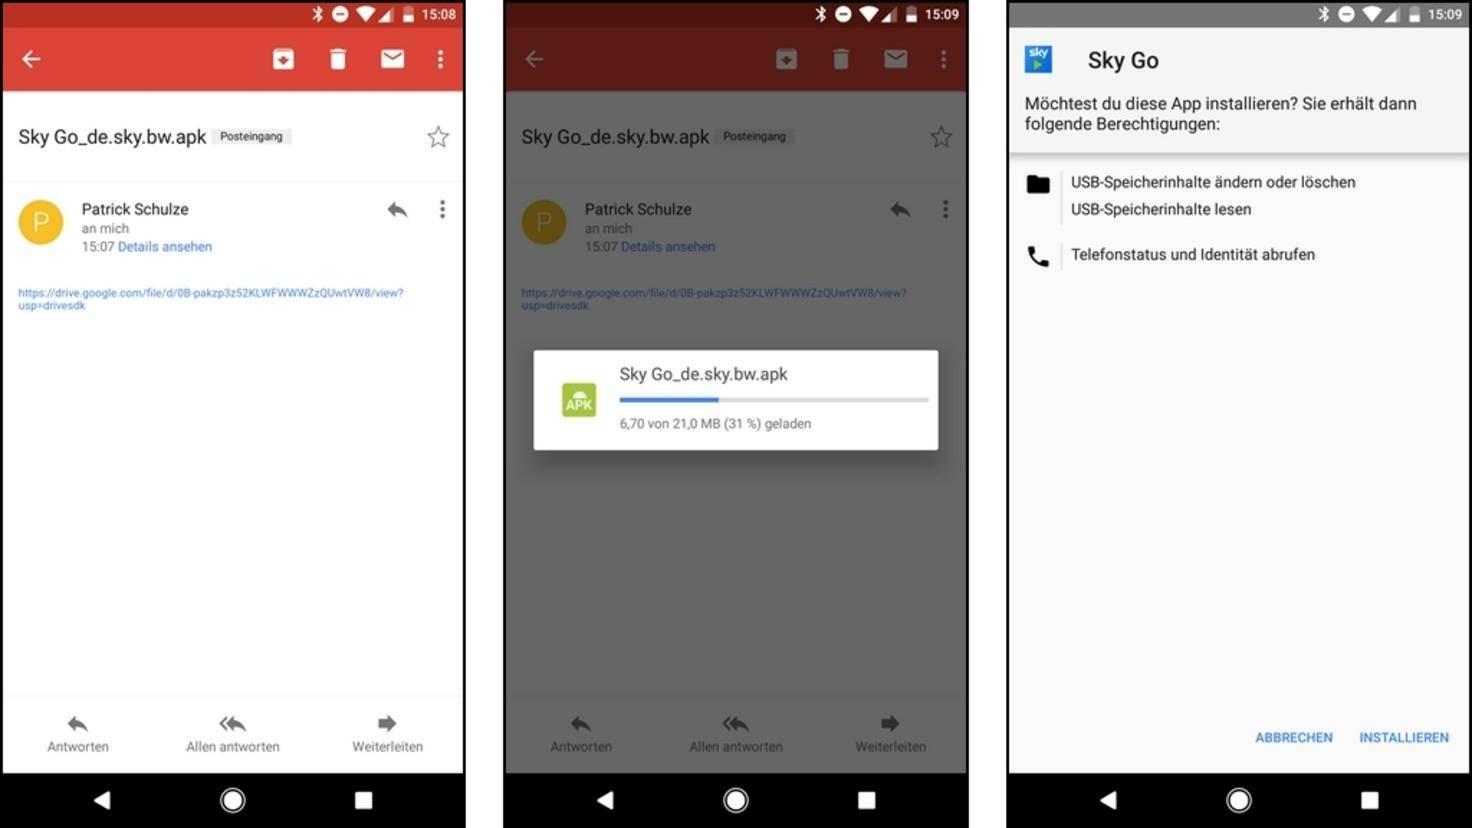 Nachdem Du Dir selbst eine Freigabe für die extrahierte App erteilt hast, kannst Du diese von Deinem eigenen Smartphone aus herunterladen.